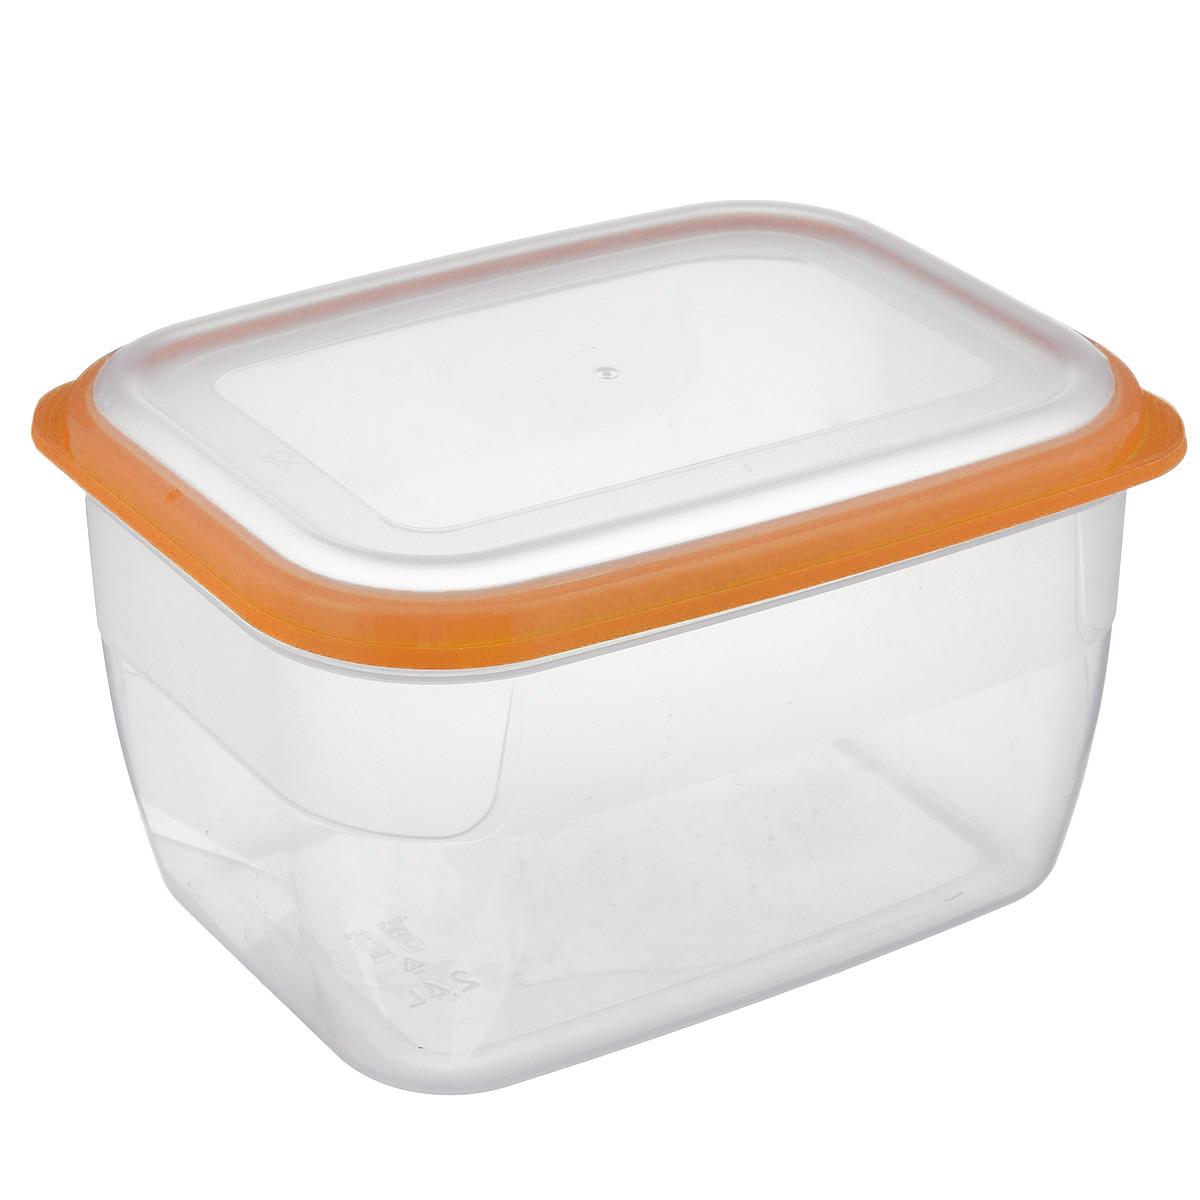 Контейнер Полимербыт Премиум, цвет: прозрачный, оранжевый, 2,4 лС563 оранжевыйКонтейнер Полимербыт Премиум прямоугольной формы, изготовленный из прочного пластика, предназначен специально для хранения пищевых продуктов. Крышка легко открывается и плотно закрывается. Контейнер устойчив к воздействию масел и жиров, легко моется. Прозрачные стенки позволяют видеть содержимое. Контейнер имеет возможность хранения продуктов глубокой заморозки, обладает высокой прочностью. Можно мыть в посудомоечной машине. Подходит для использования в микроволновых печах.